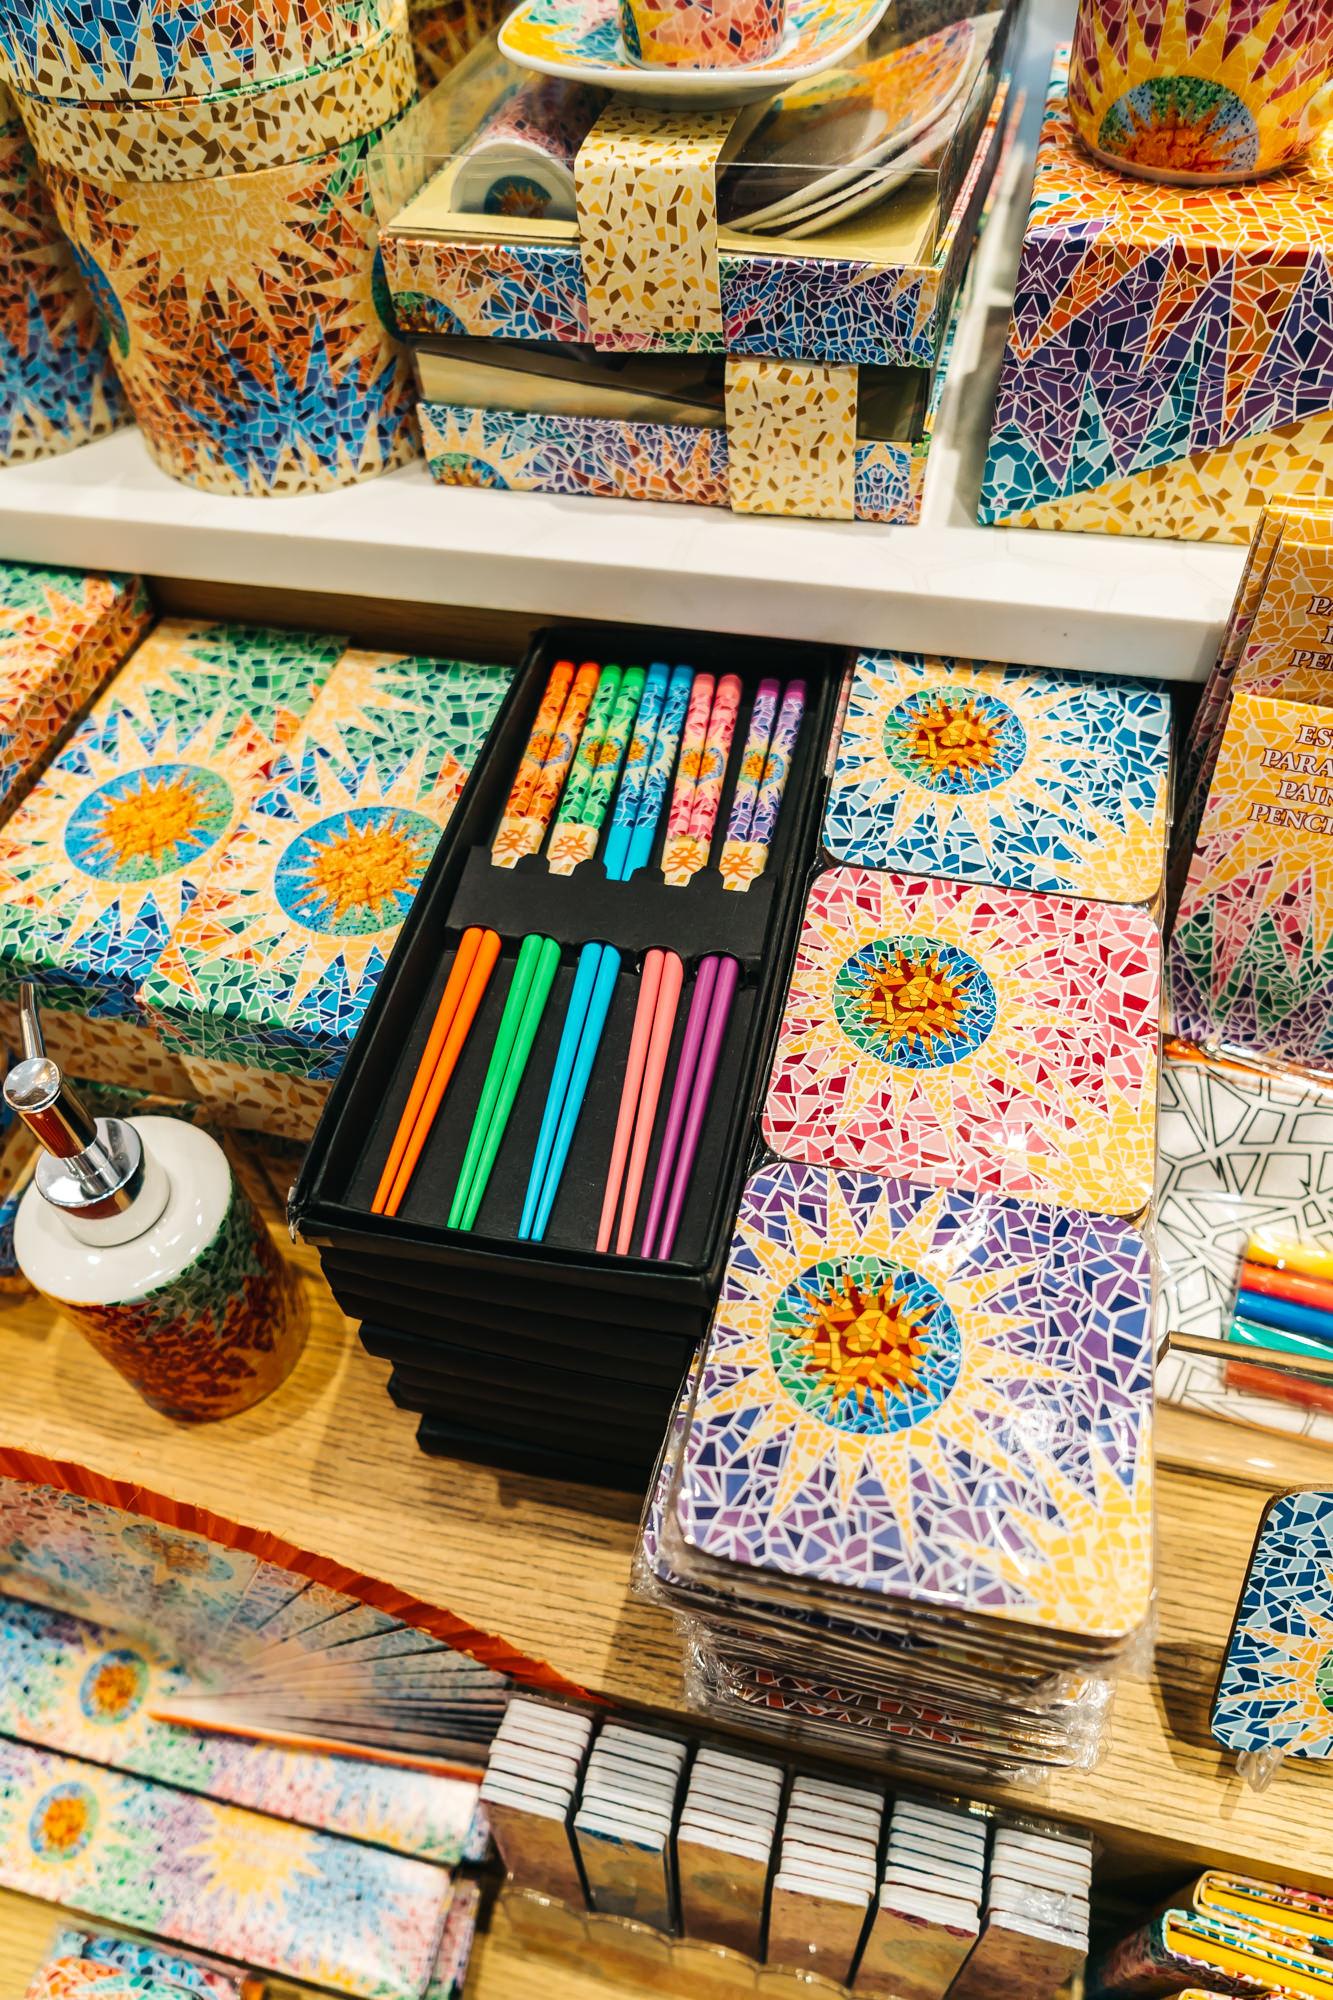 Colorful gifts at Casa Batlló